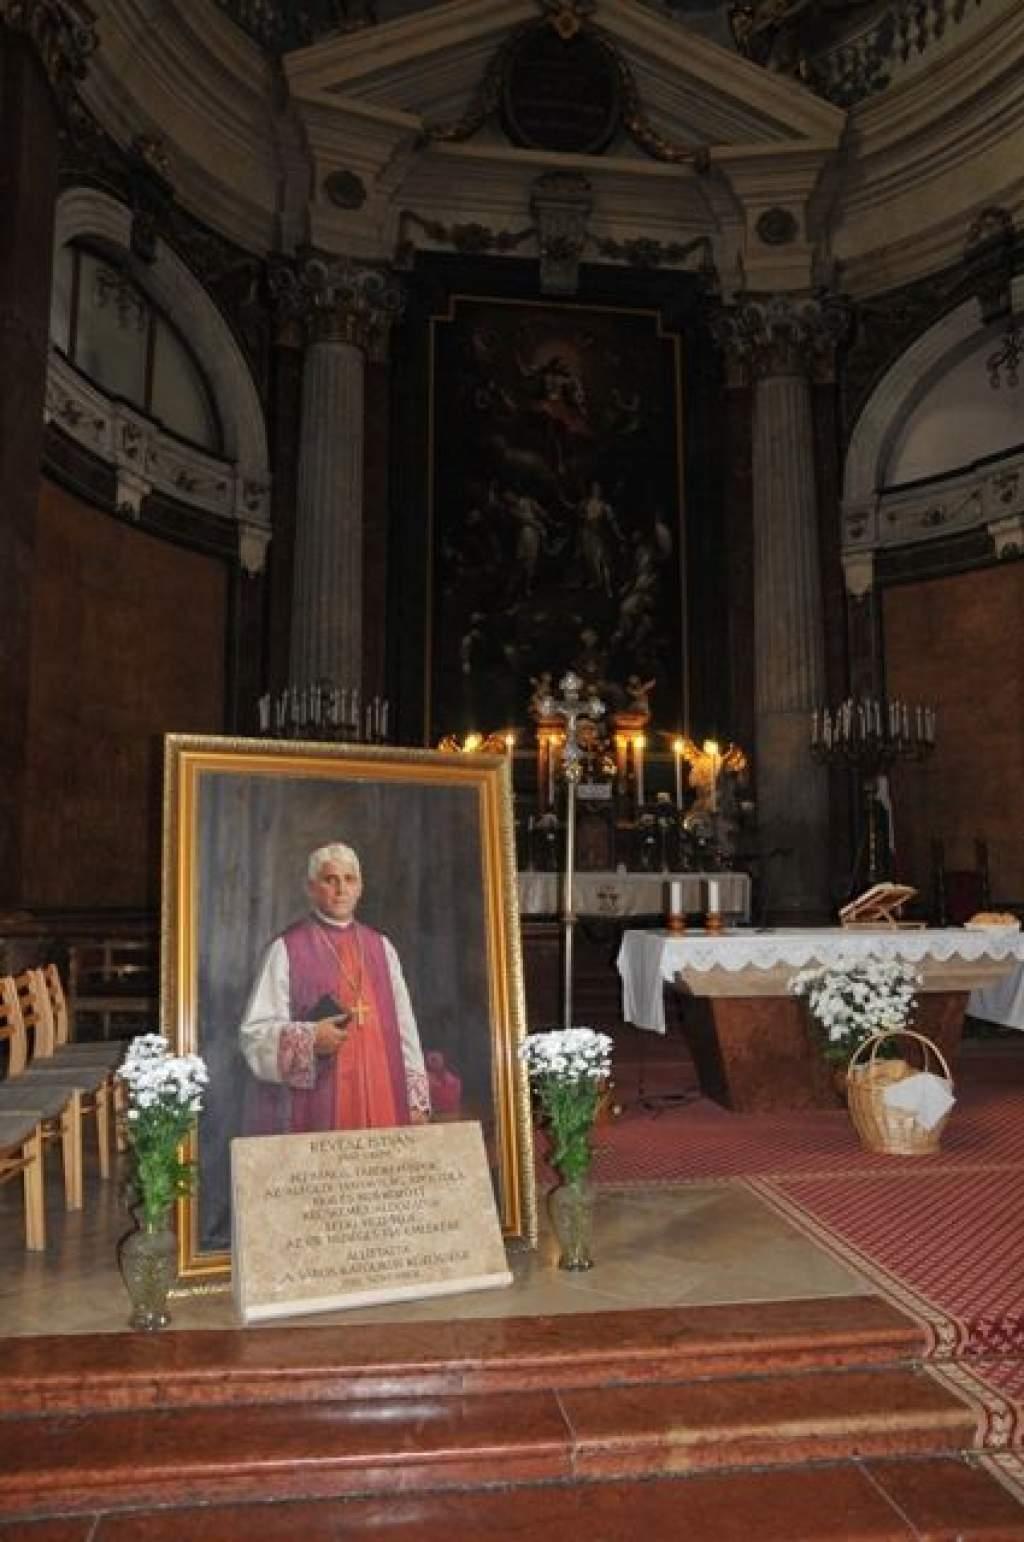 Révész István emlékmise és emléktábla avató a Nagytemplomban